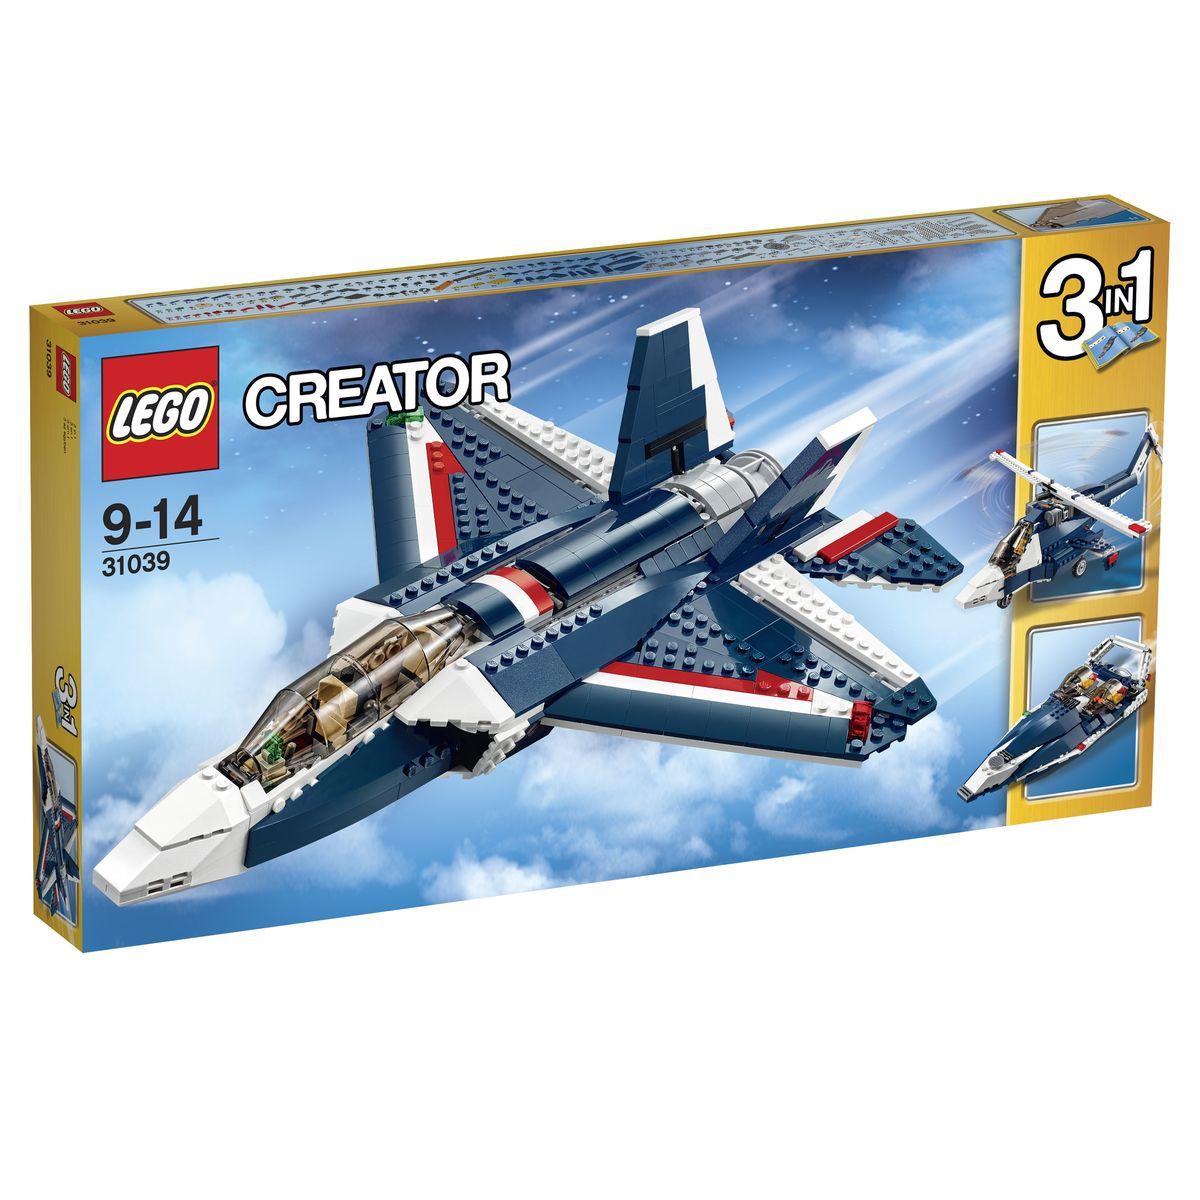 LEGO Creator Конструктор Синий реактивный самолет 3103931039Реактивный самолет из набора LEGO 31039 создан с огромным вниманием к деталям. Его корпус выполнен из сине-белых элементов с добавлением красных контрастных полос. Спереди видна обтекаемая кабина пилота. Подняв тонированное лобовое стекло, можно рассмотреть места для двух пилотов, а также приборную панель и штурвал. За кабиной располагается моторный отсек с откидными стенками. В нем установлены два турбореактивных двигателя, приводящих в движение хвостовой воздушный винт. На боках фюзеляжа закреплены симметричные треугольные крылья с габаритными огнями и подвижными закрылками. В хвостовой части видны вертикальные стабилизаторы, а под днищем - скрадывающиеся шасси. При желании модель истребителя можно переделать в вертолет или катер на воздушной подушке. Игра с конструктором LEGO развивает мелкую моторику ребенка, фантазию и воображение, учит его усидчивости и внимательности. Рекомендуемый возраст: от 9 до 14 лет.